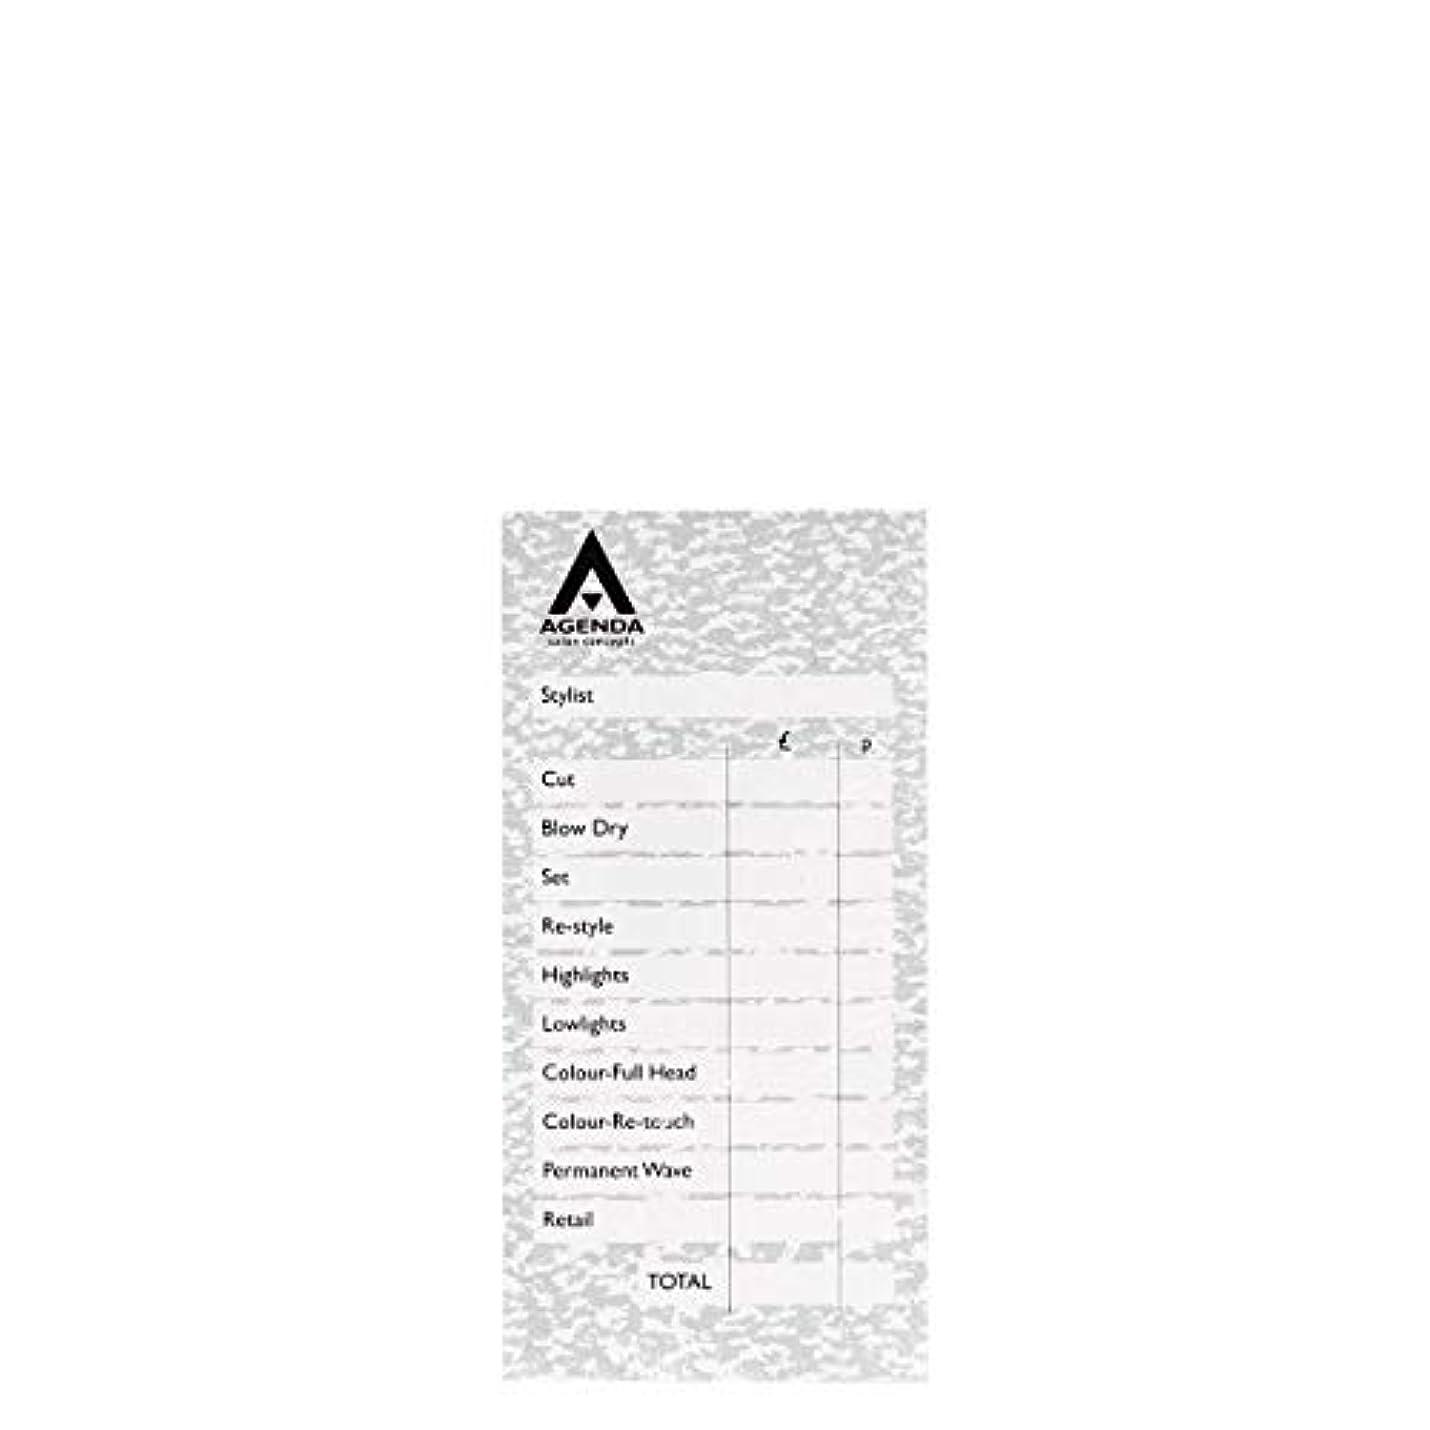 品揃え死ぬグリルアジェンダ サロンコンセプト チェックパッドグレー6x100リーフ[海外直送品] [並行輸入品]